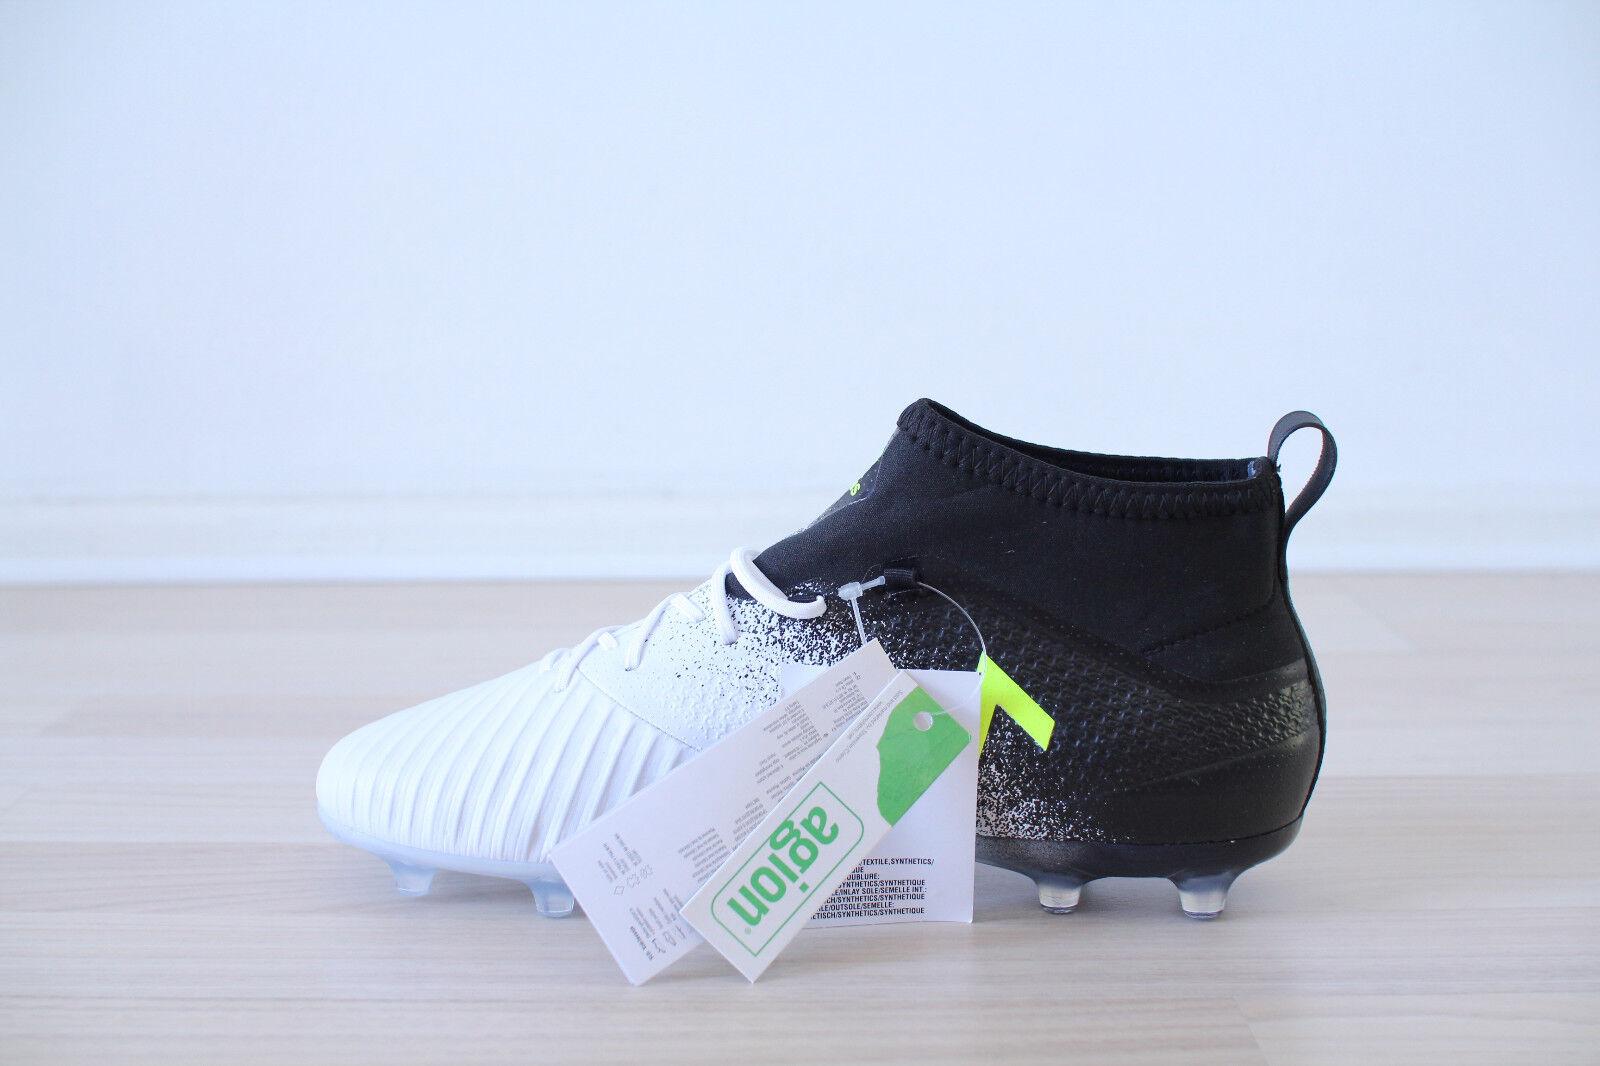 Adidas Ace 17.1 17.1 17.1 FG J Schwarz Weiß Gr. 35 36 37 38 39 NEU & OVP S77039 d9be0d